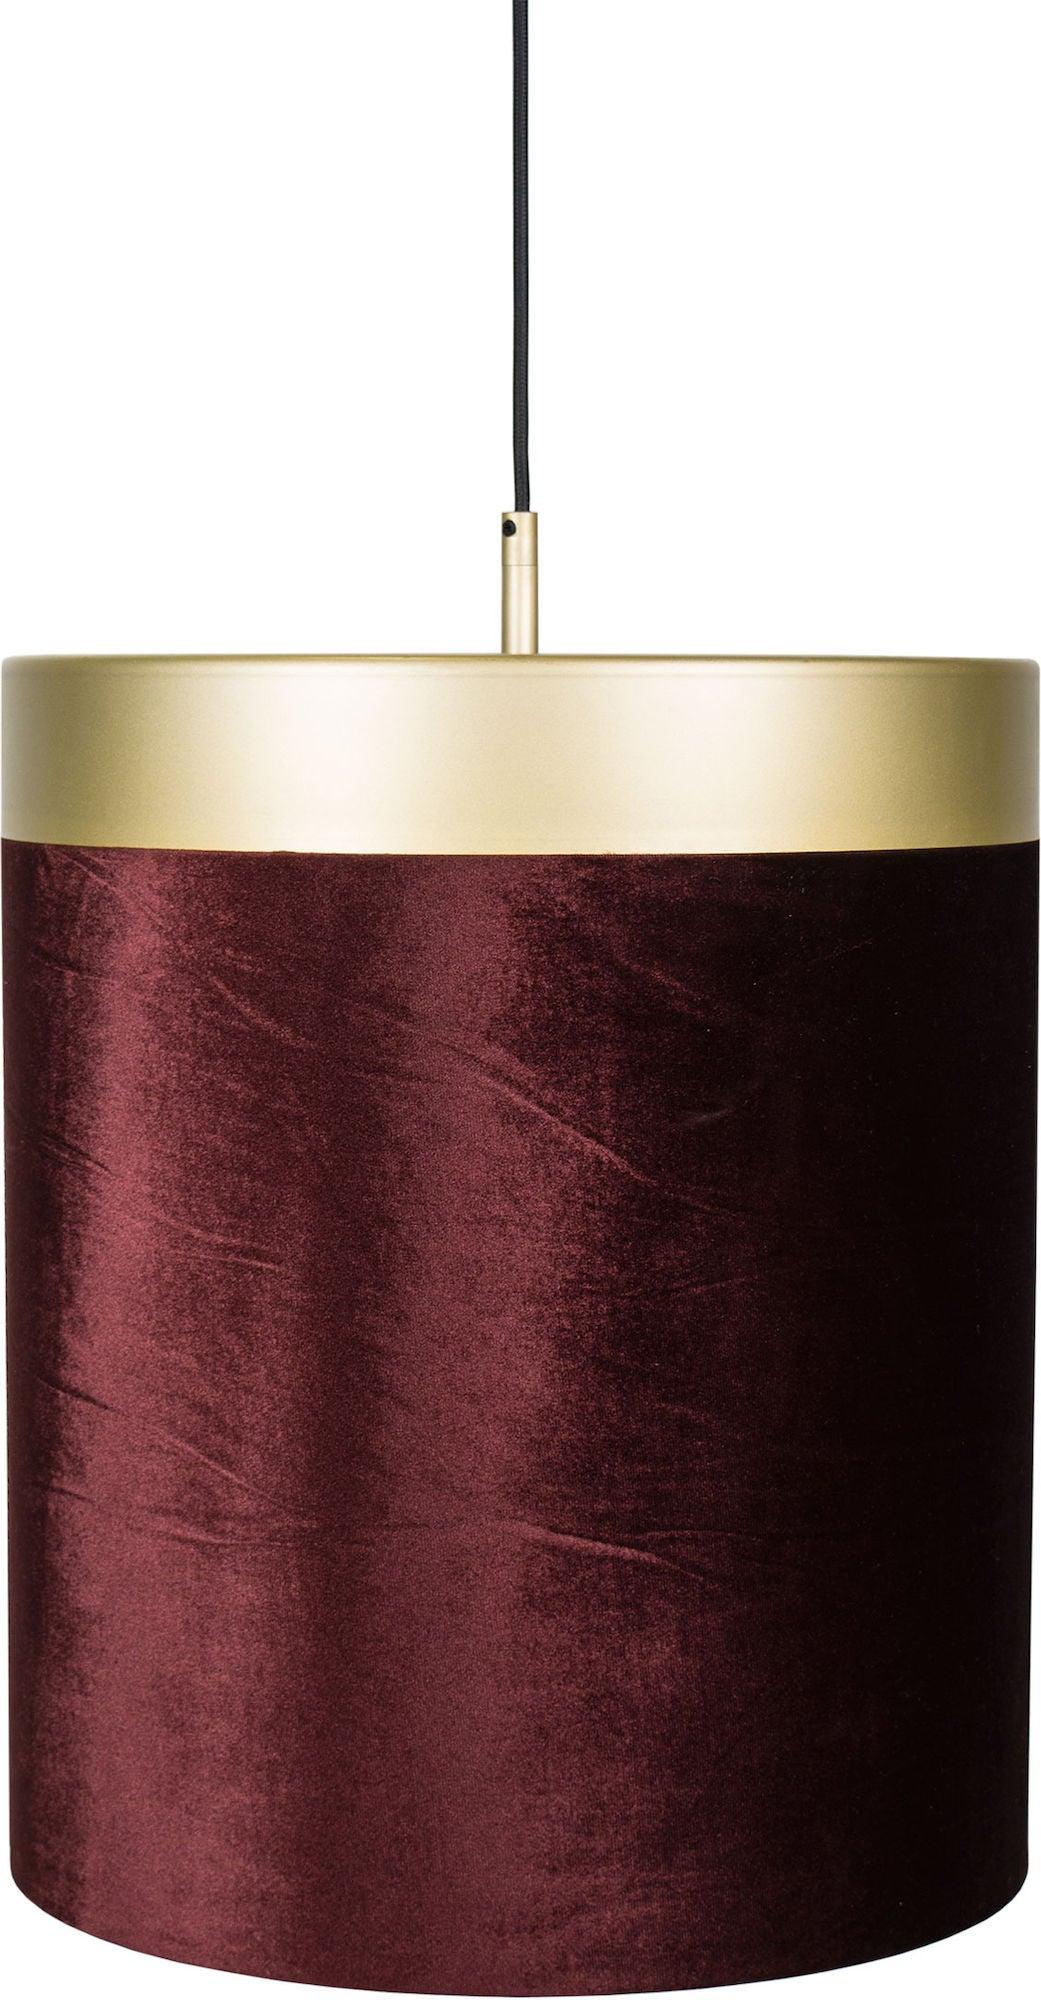 Globen Lighting Kattovalaisin Velvet, Punainen